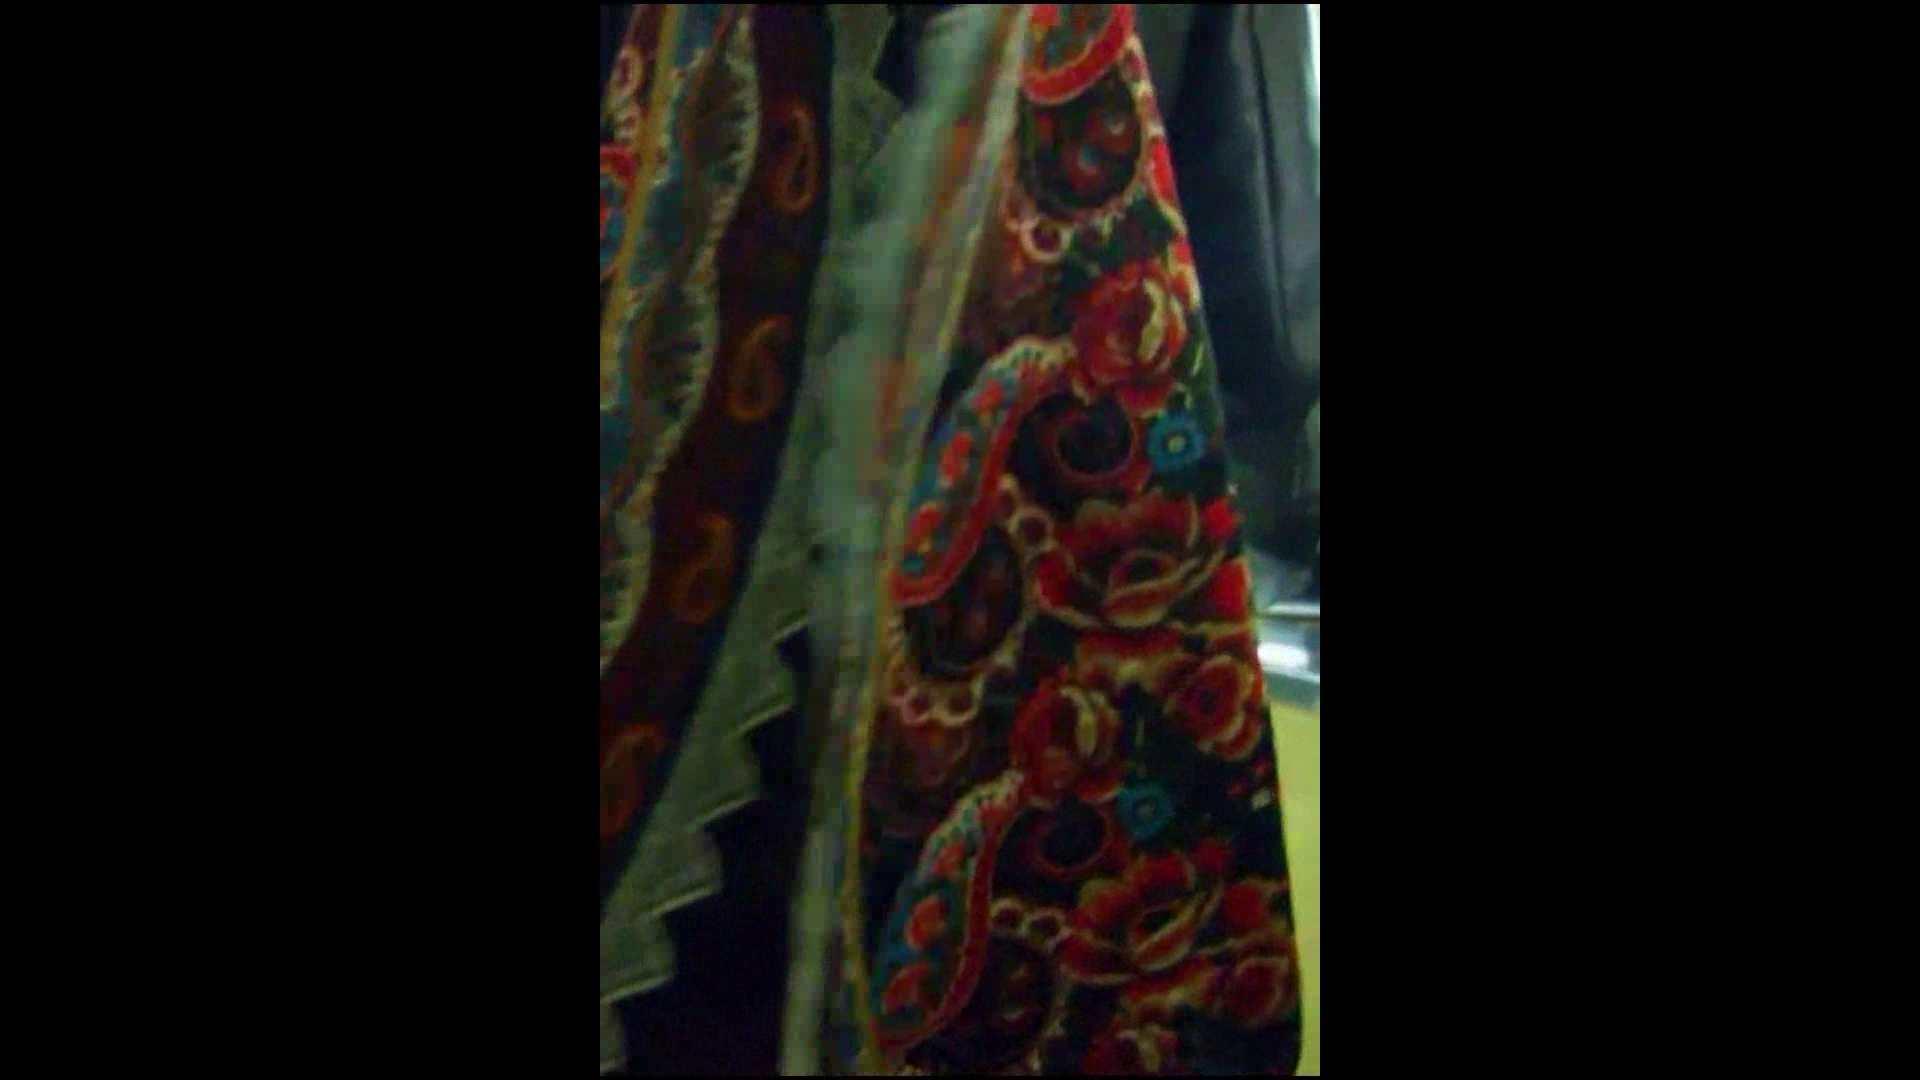 綺麗なモデルさんのスカート捲っちゃおう‼vol05 綺麗なOLたち スケベ動画紹介 98枚 65